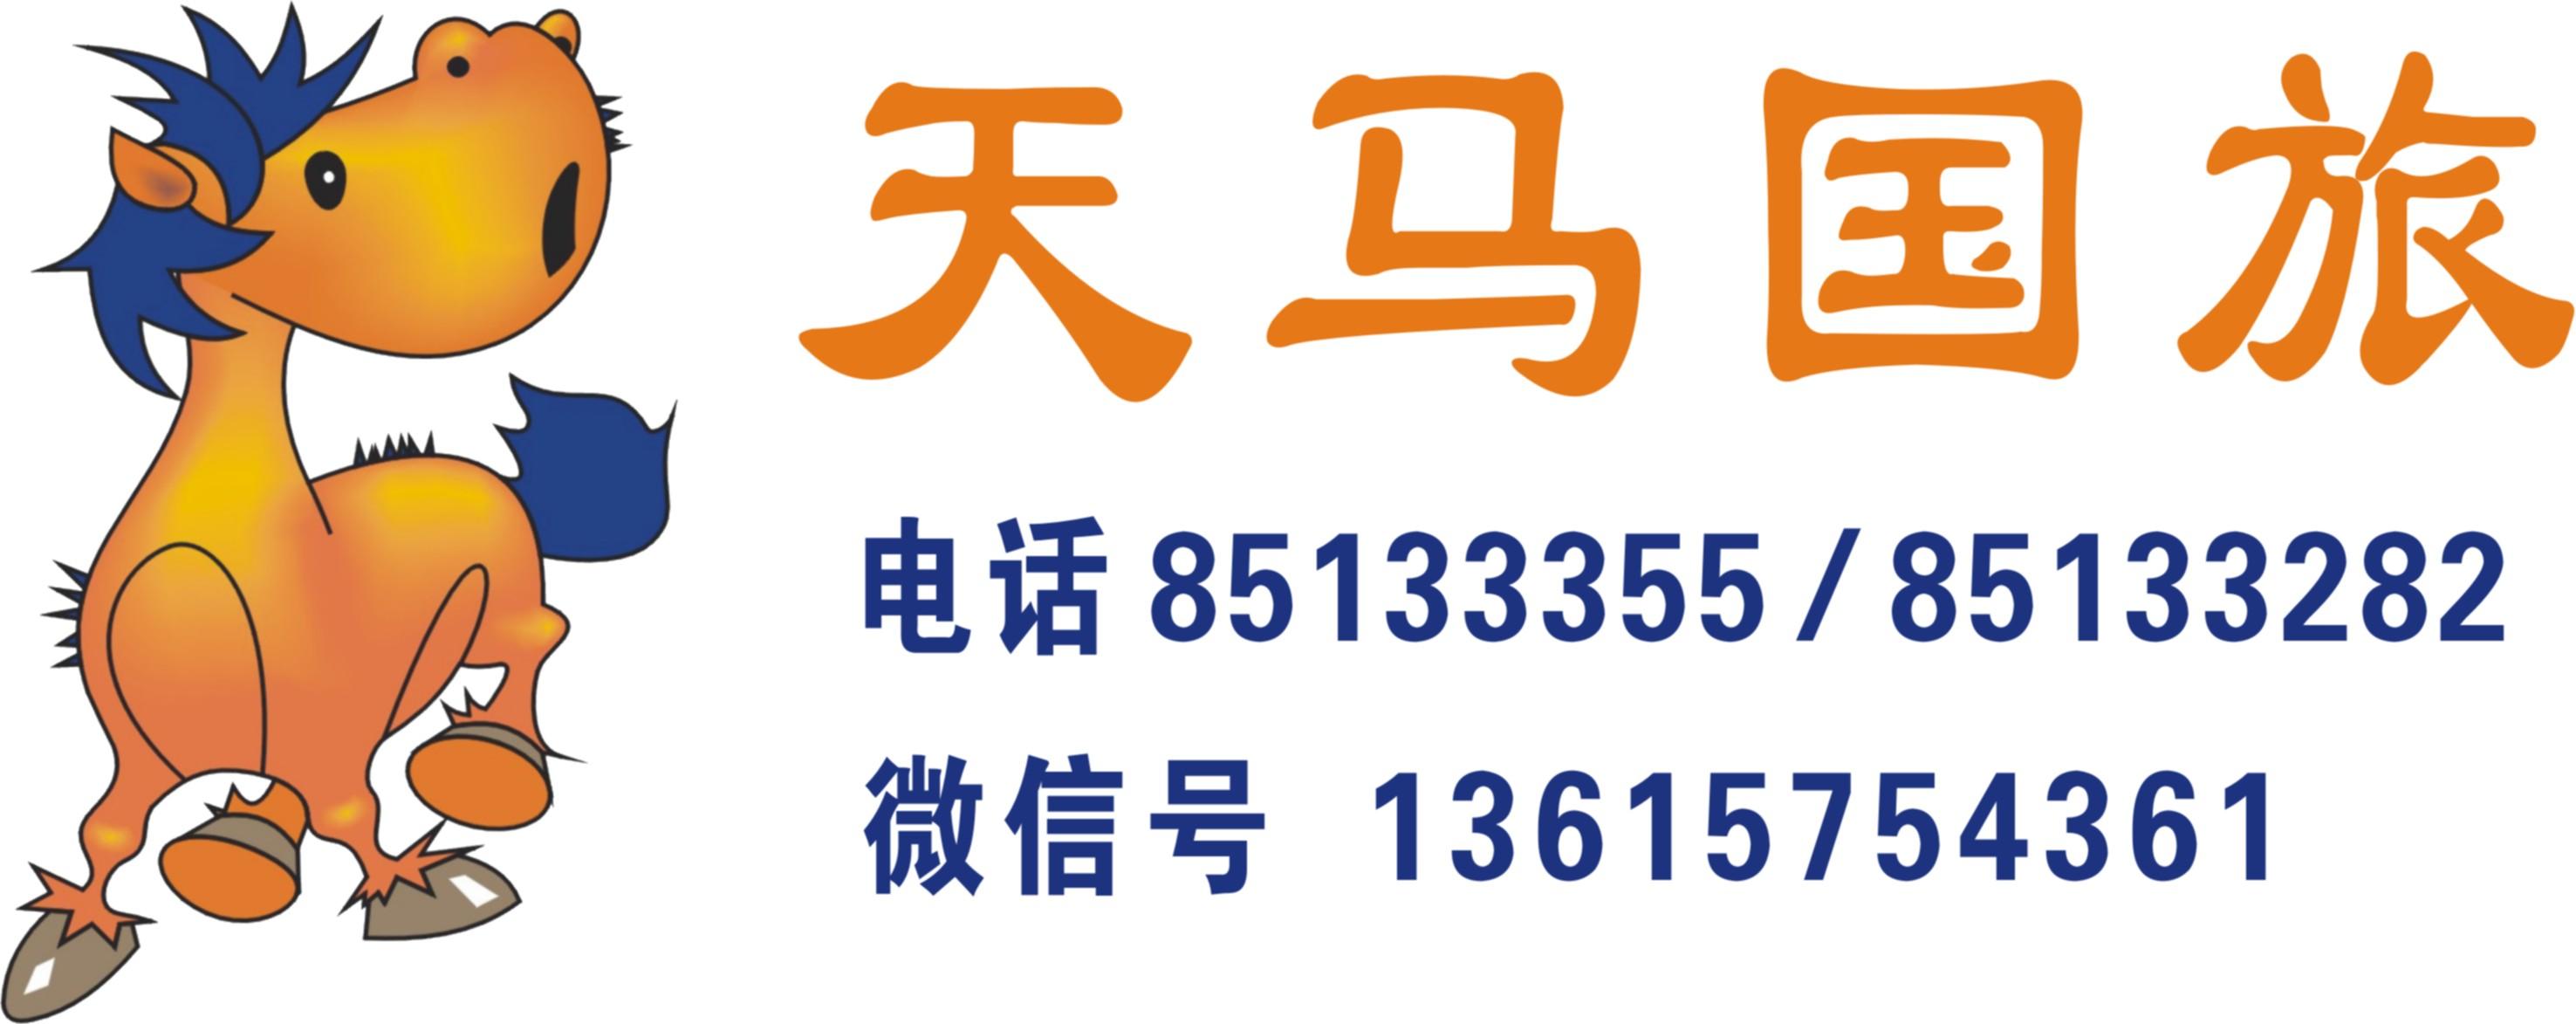 7.27【富阳龙门古镇、龙门山皮划艇漂流、千岛湖二日】